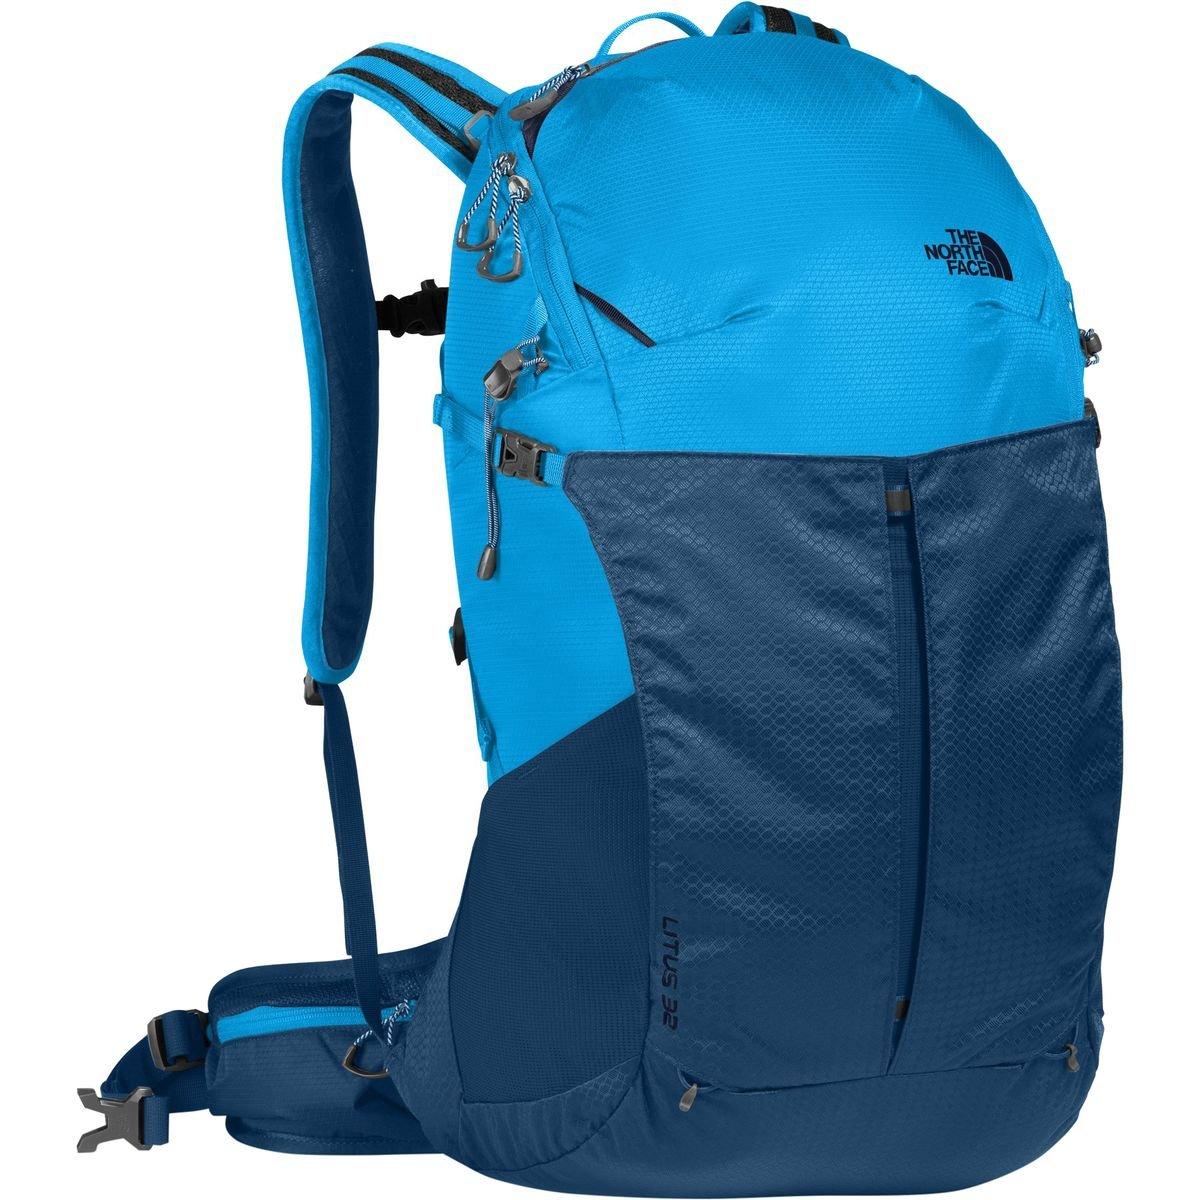 (ザノースフェイス) The North Face Litus 32L Backpackメンズ バックパック リュック Hyper Blue/Bomber Blue [並行輸入品]   B07L4KQMS9